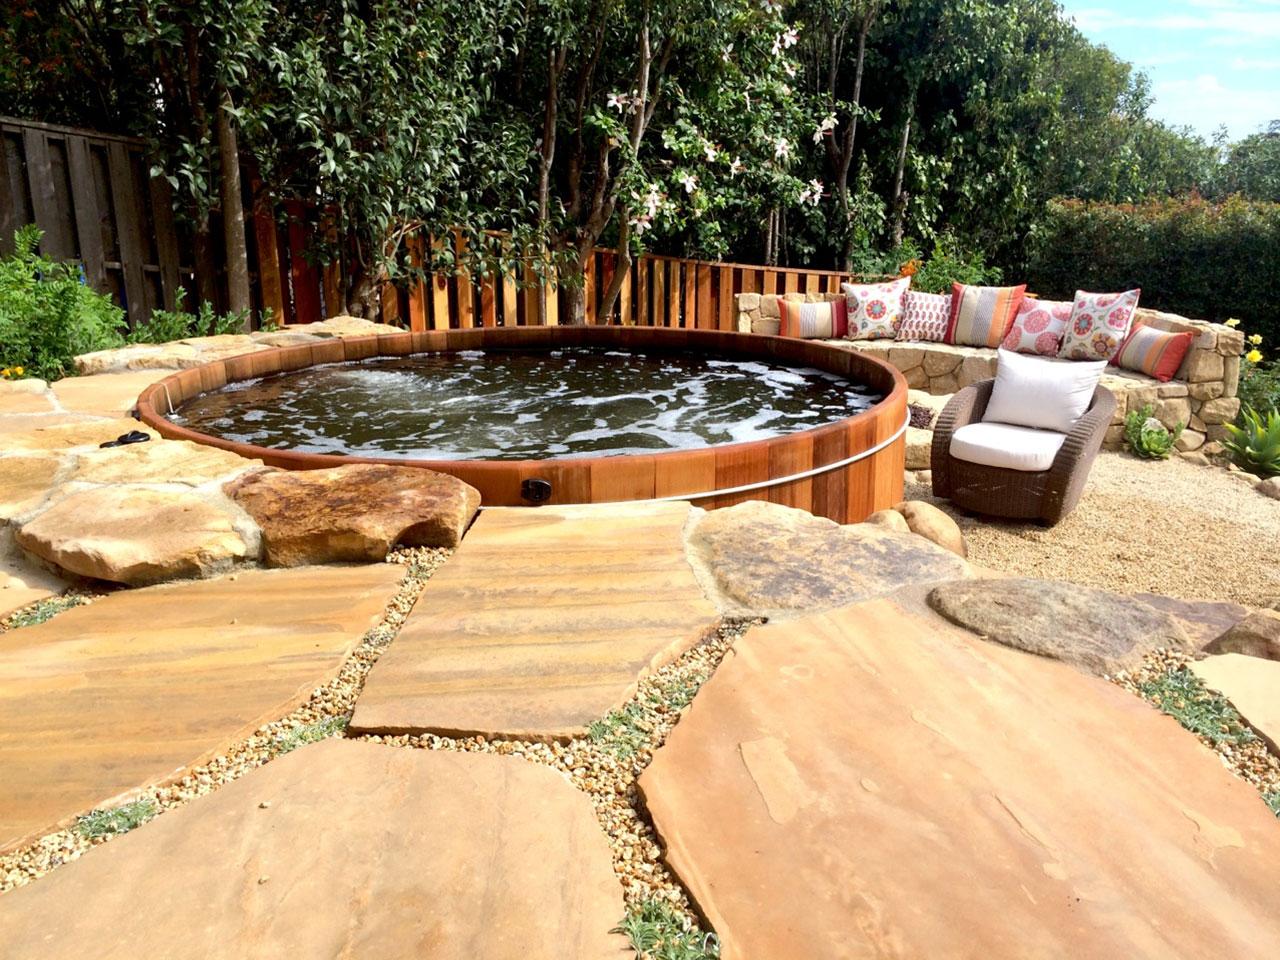 Thiết kế bồn tắm gỗ sục trong sân vườn